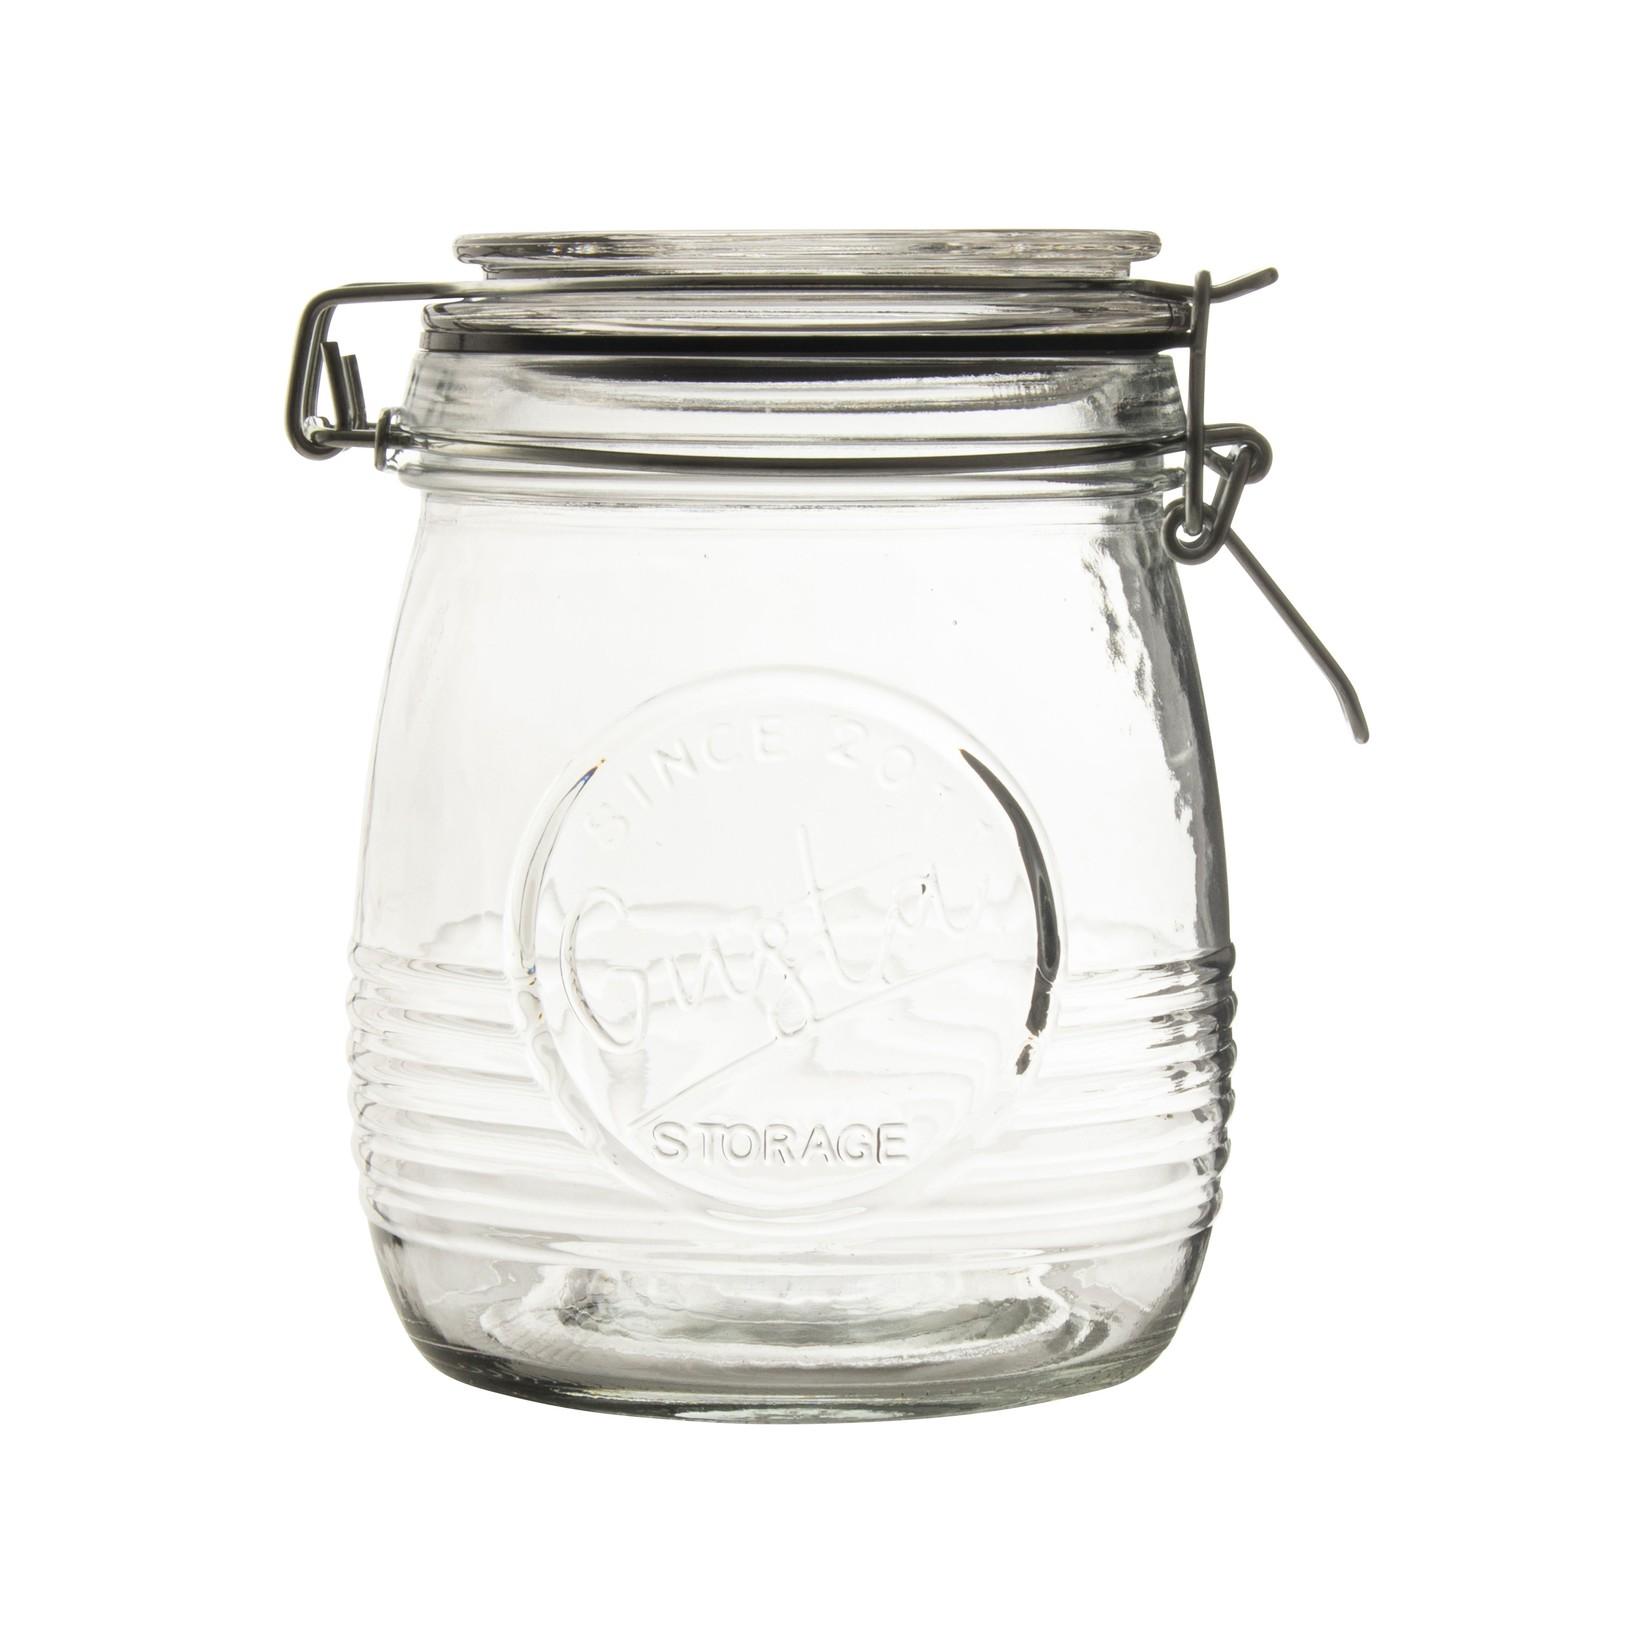 Voorraadpot glas 750ml